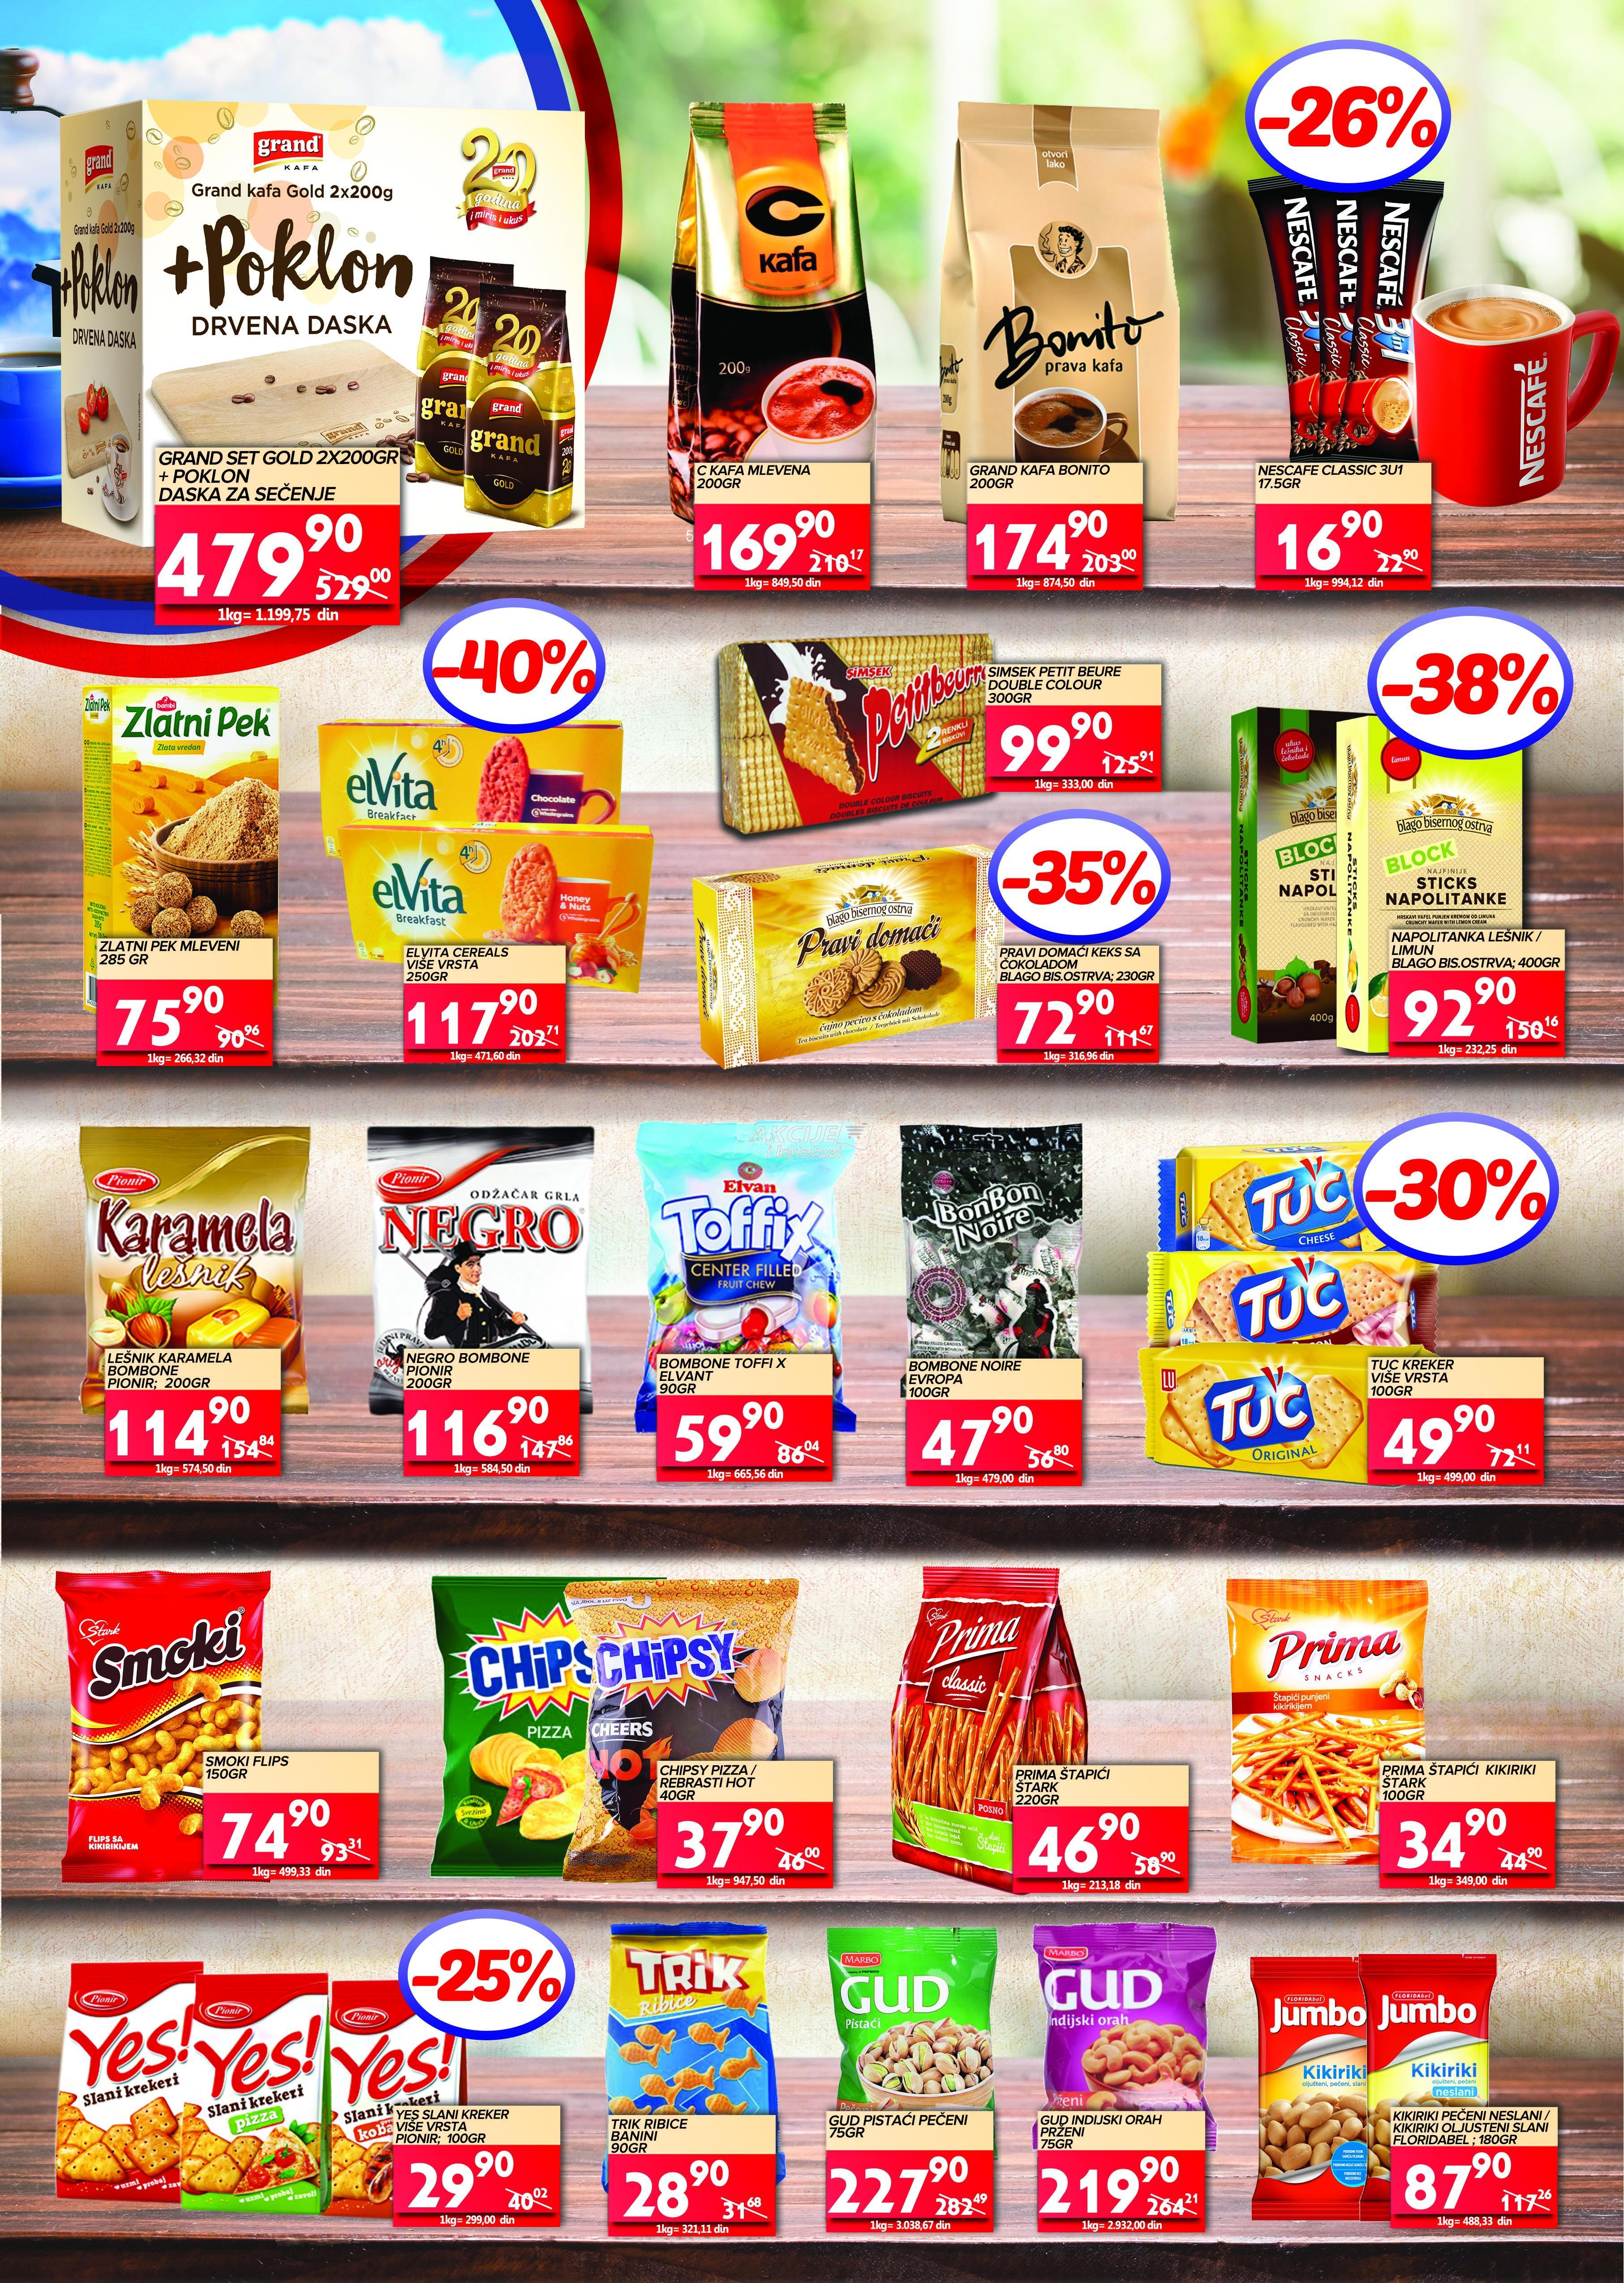 Medius akcija odlične kupovine